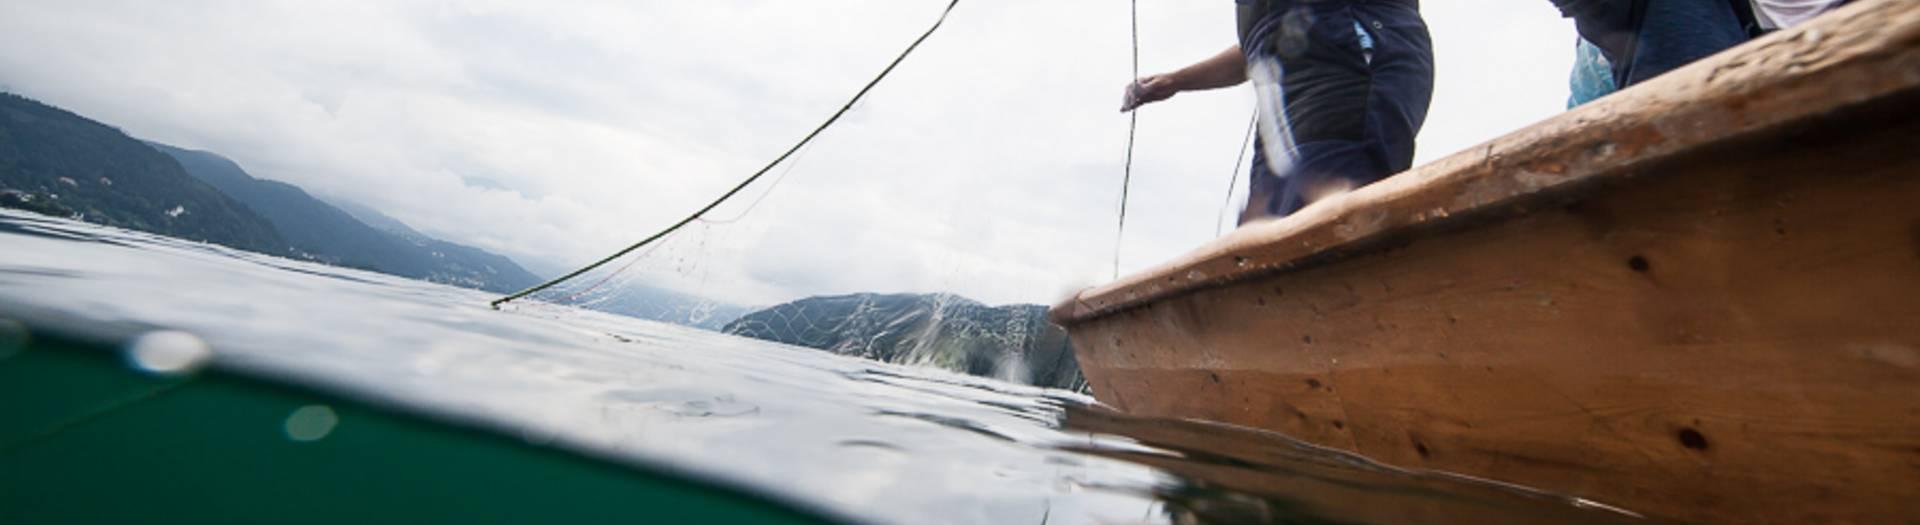 Anfischen am Millstätter See